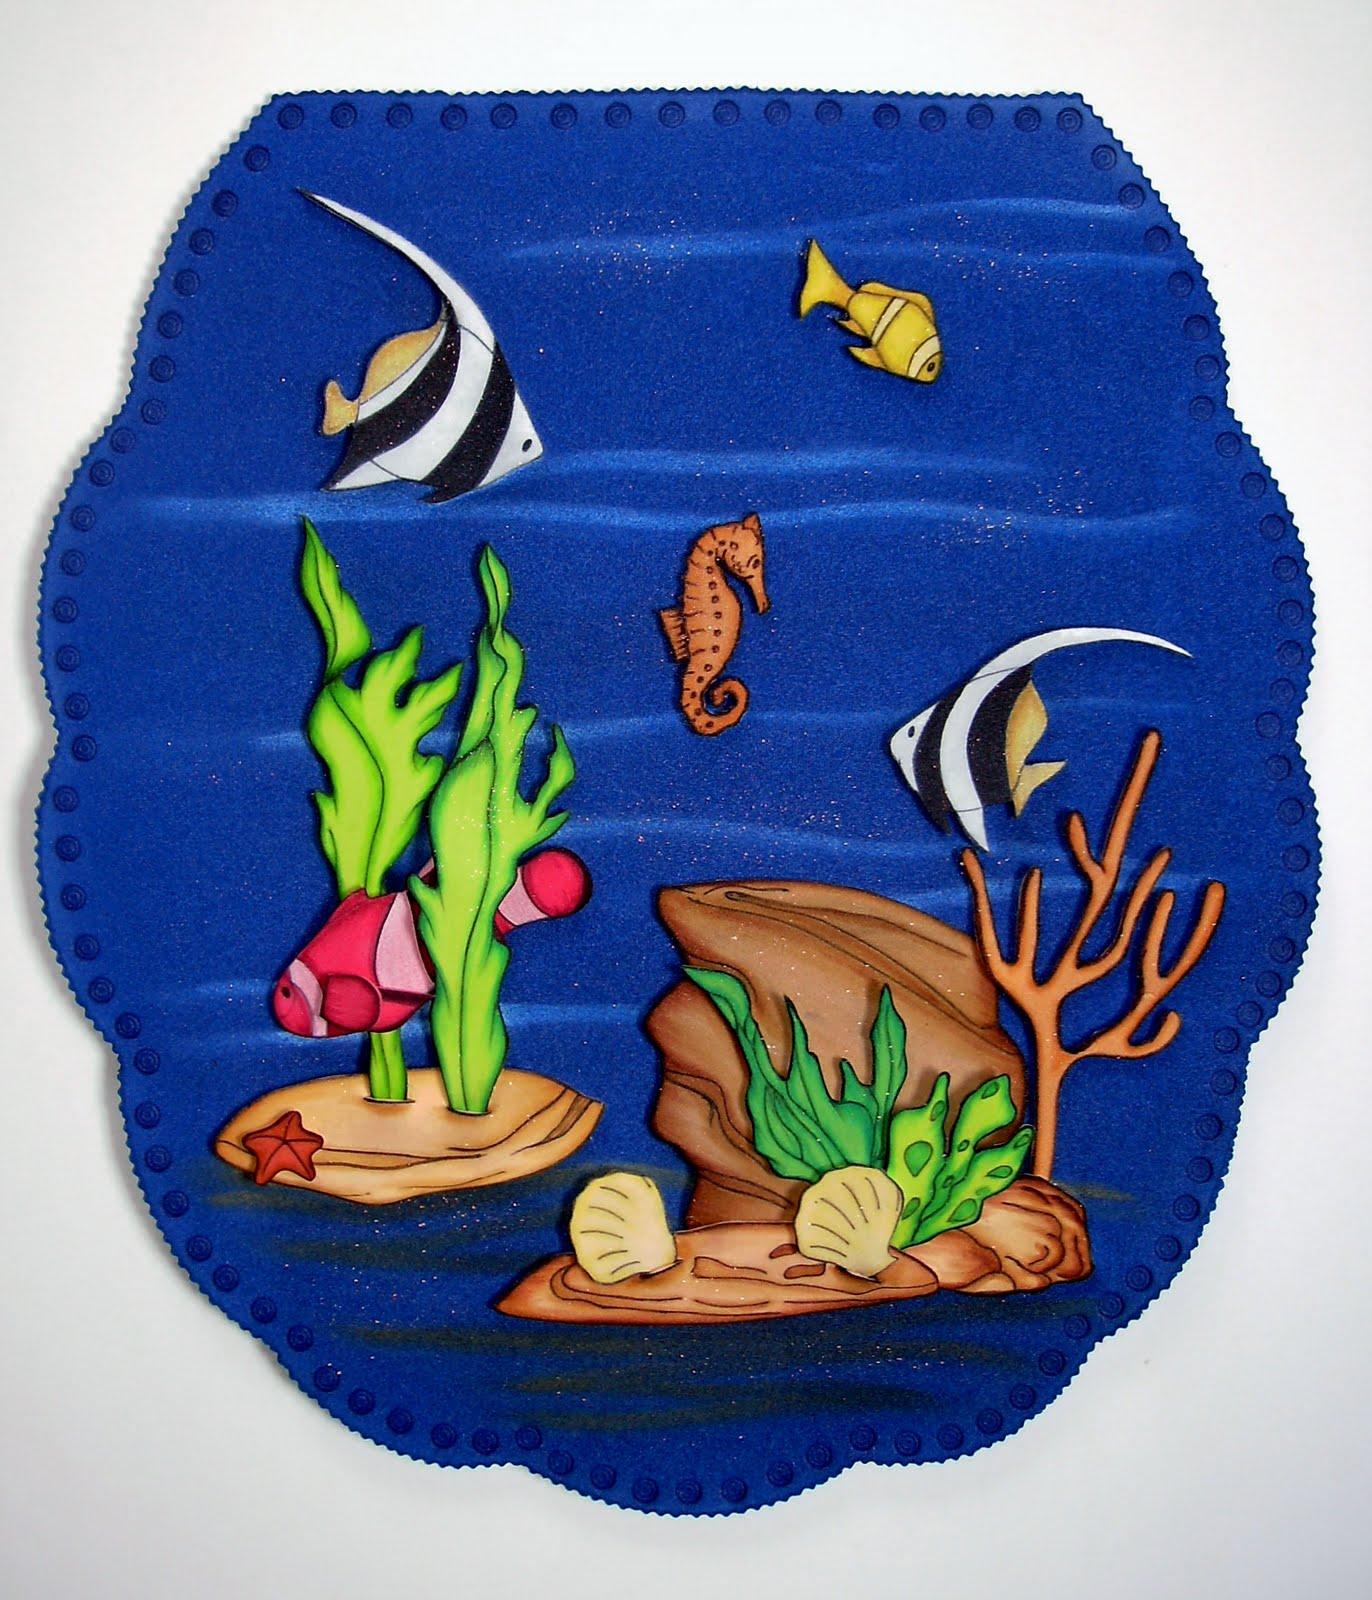 Juegos De Baño Foami:GuelaFoami: Juegos de Baño, desde el mar